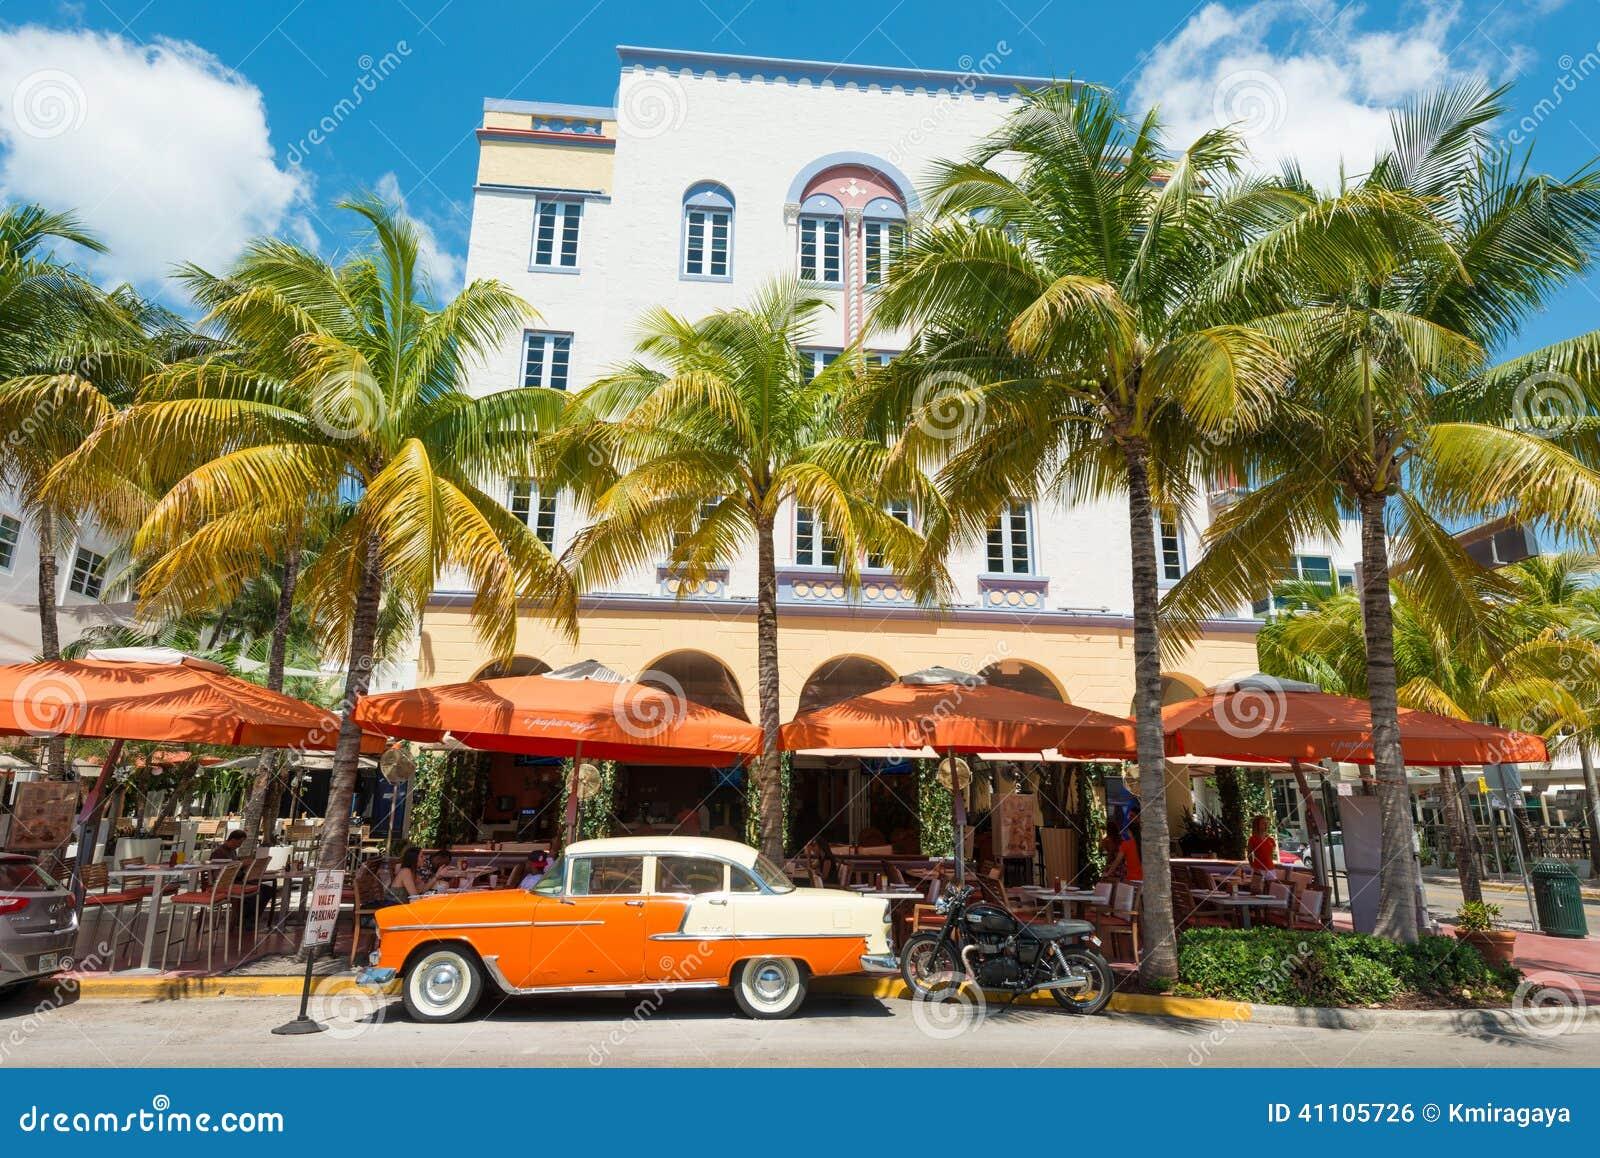 Arquitectura De Art Deco En La Impulsi 243 N Del Oc 233 Ano En La Playa Del Sur Miami Foto Editorial